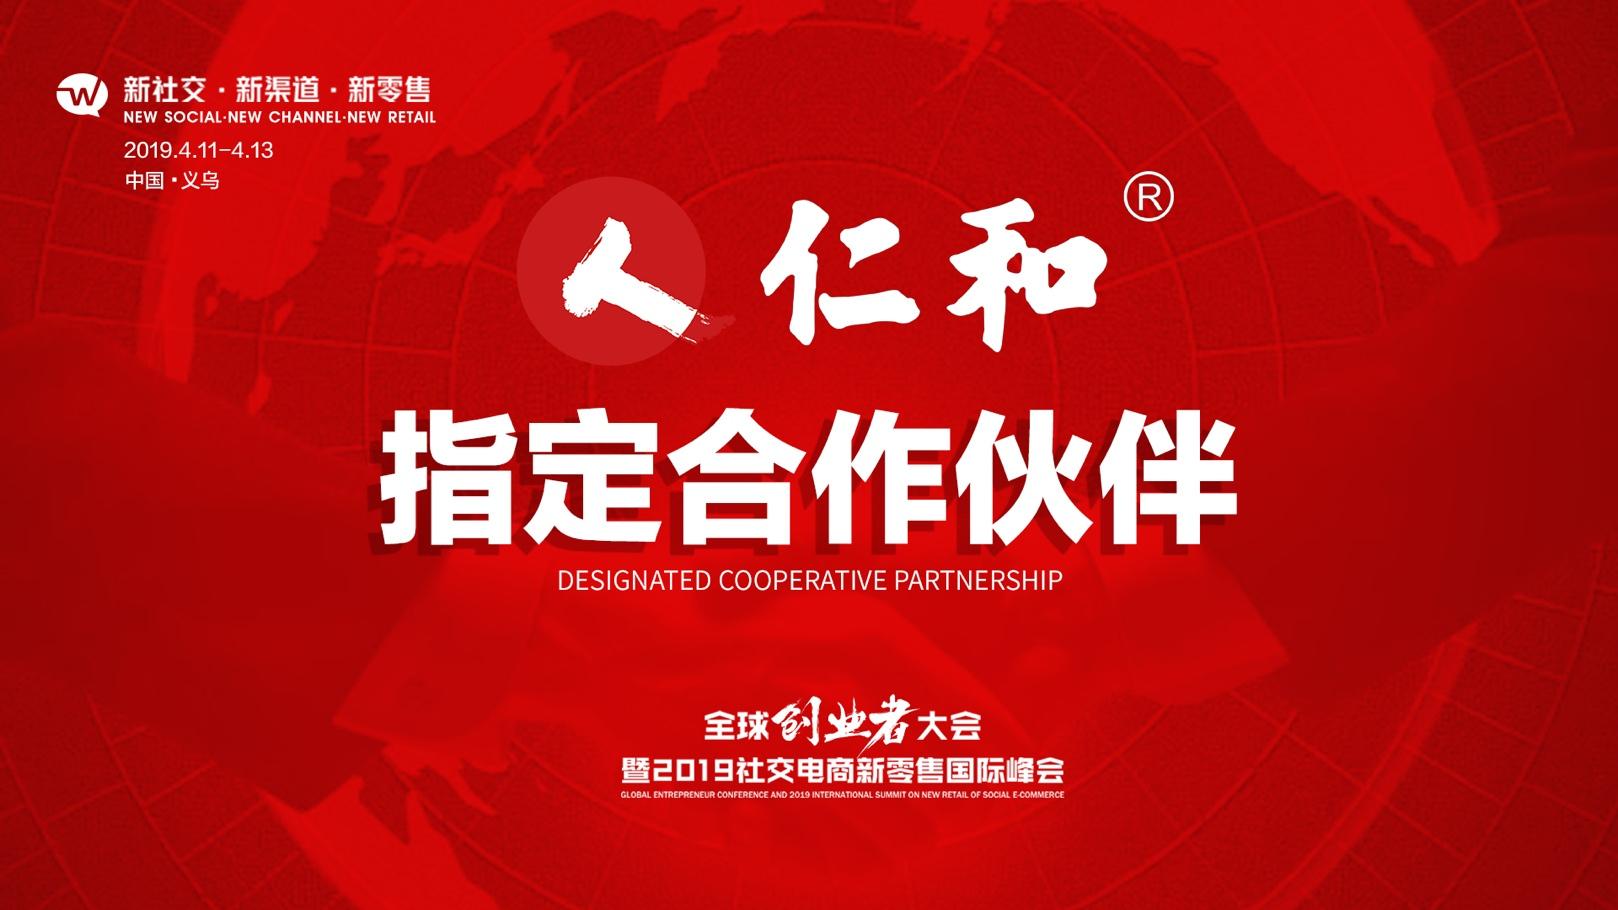 【411大会】仁和旗下合作品牌成为社交电商新零售国际峰会指定合作伙伴